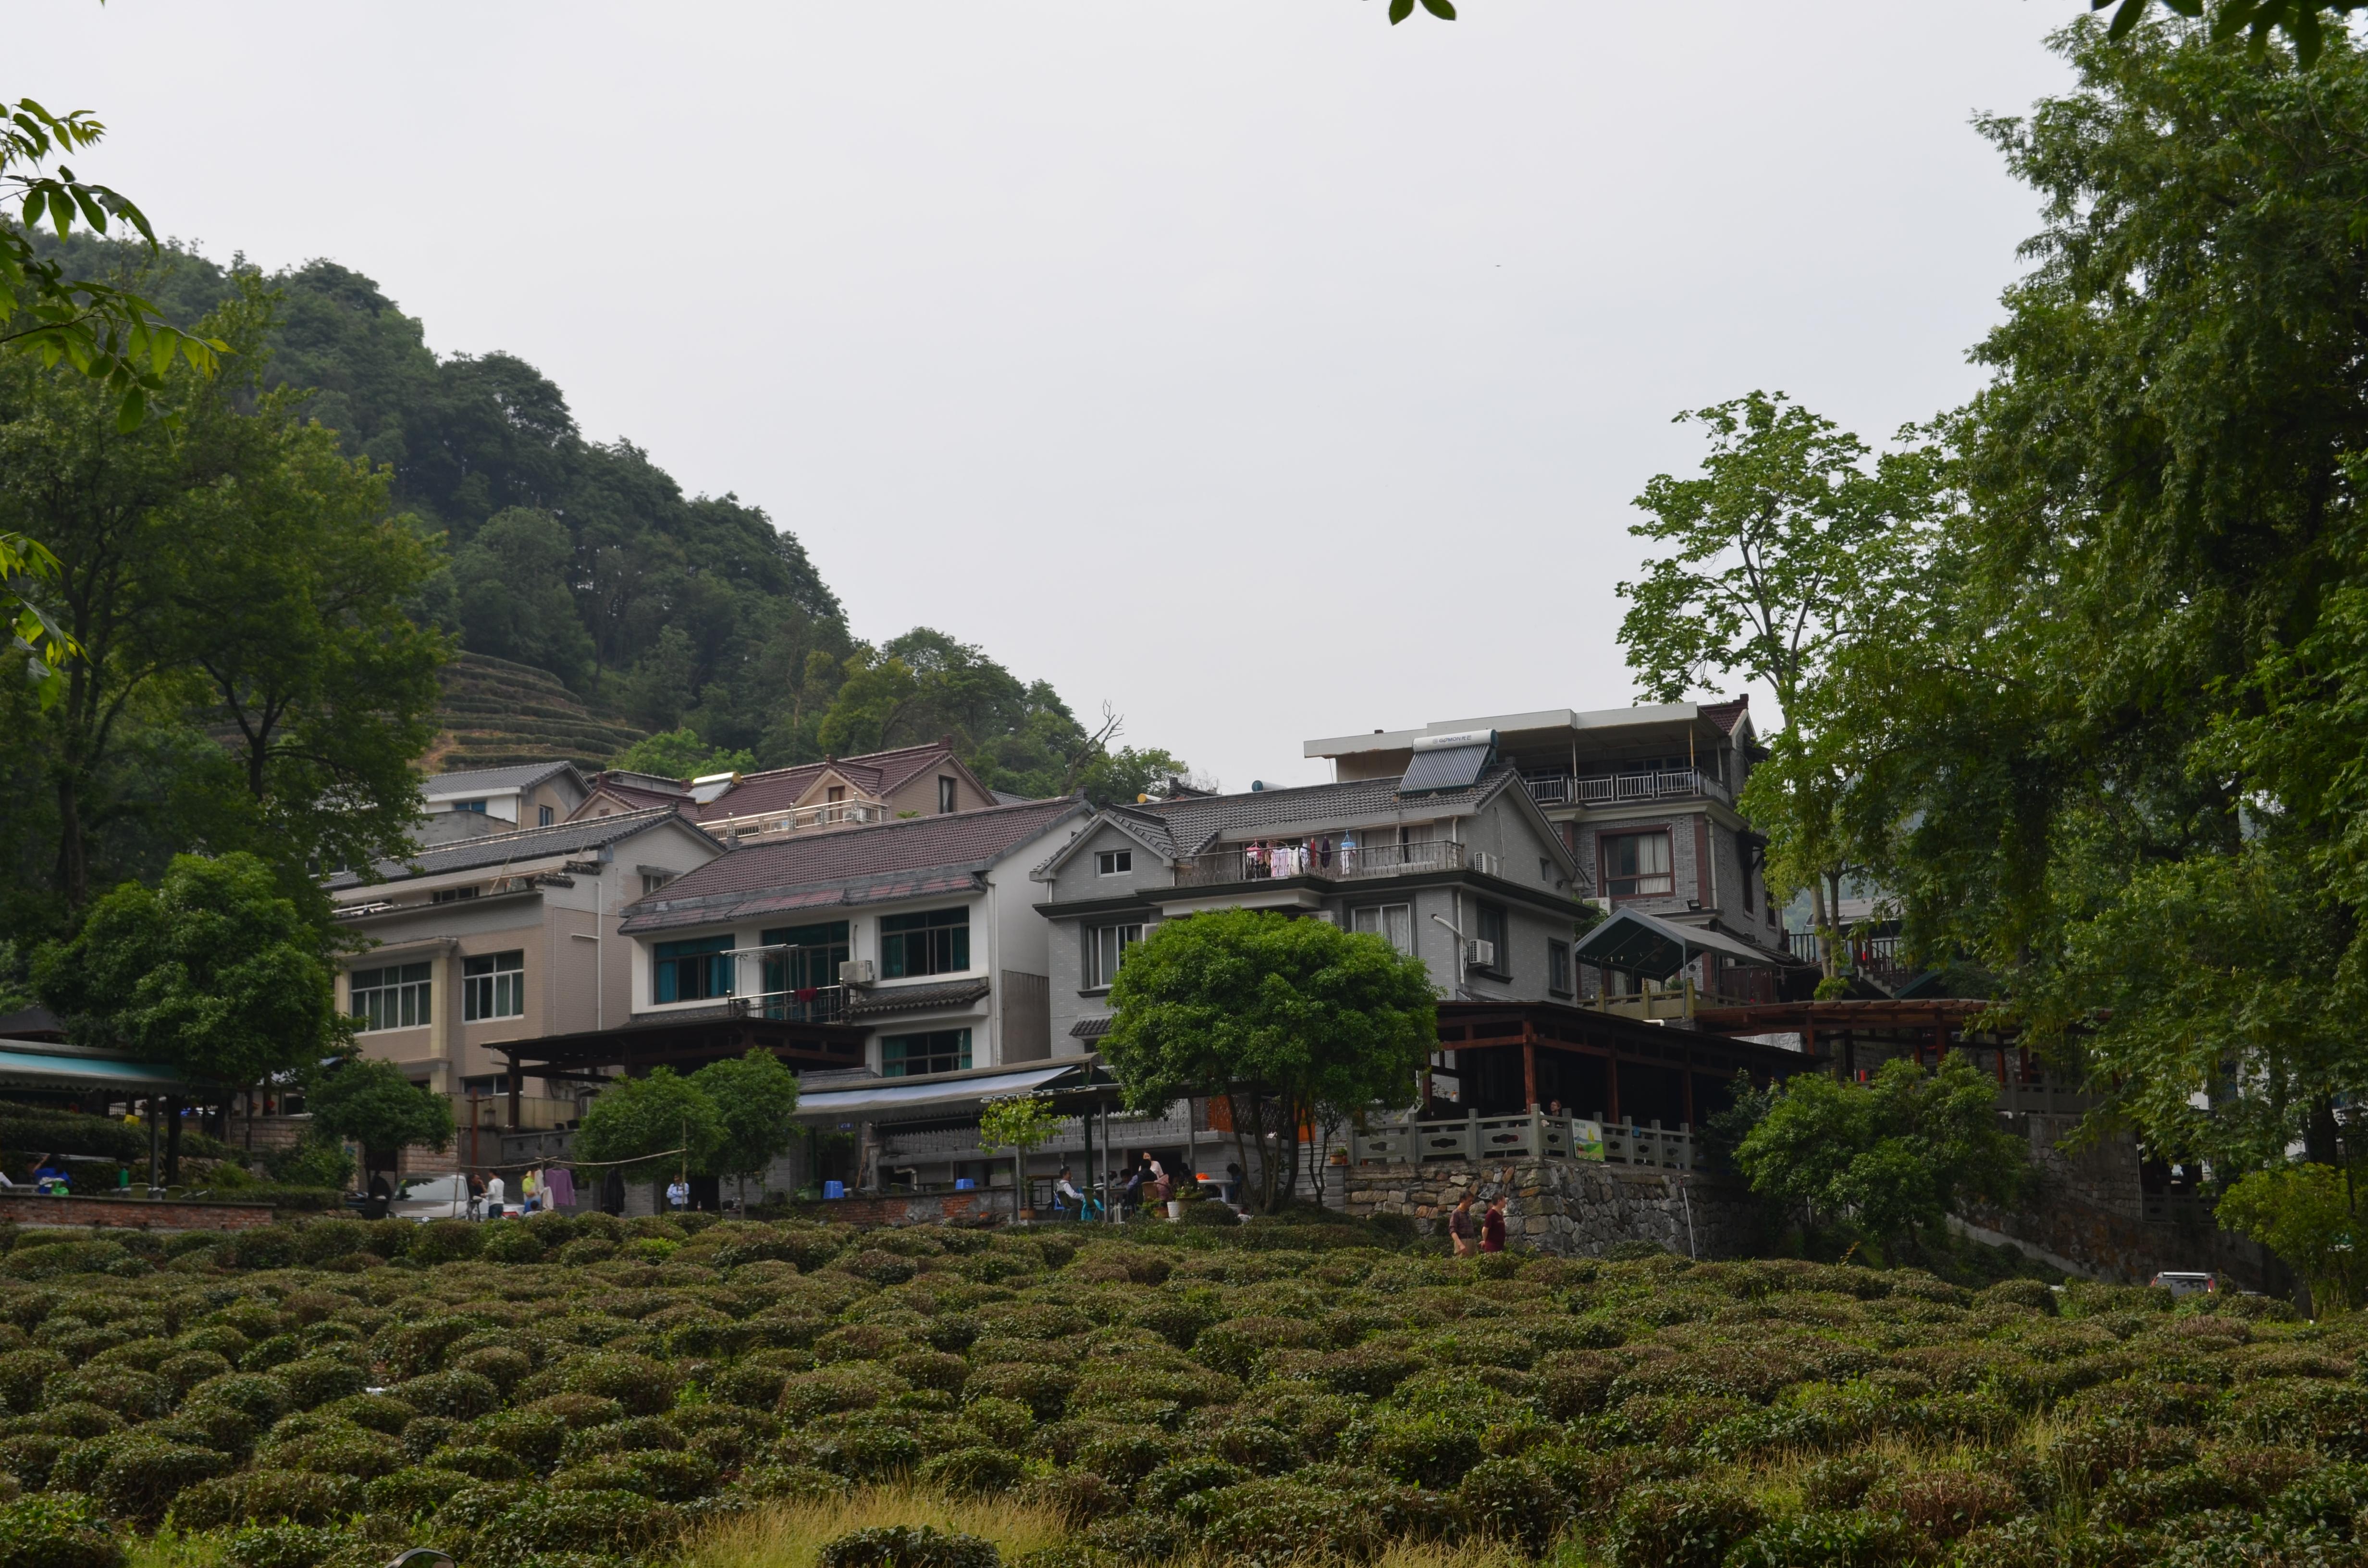 Und auf einmal ist da ein Dorf, umgeben von Teesträuchern.